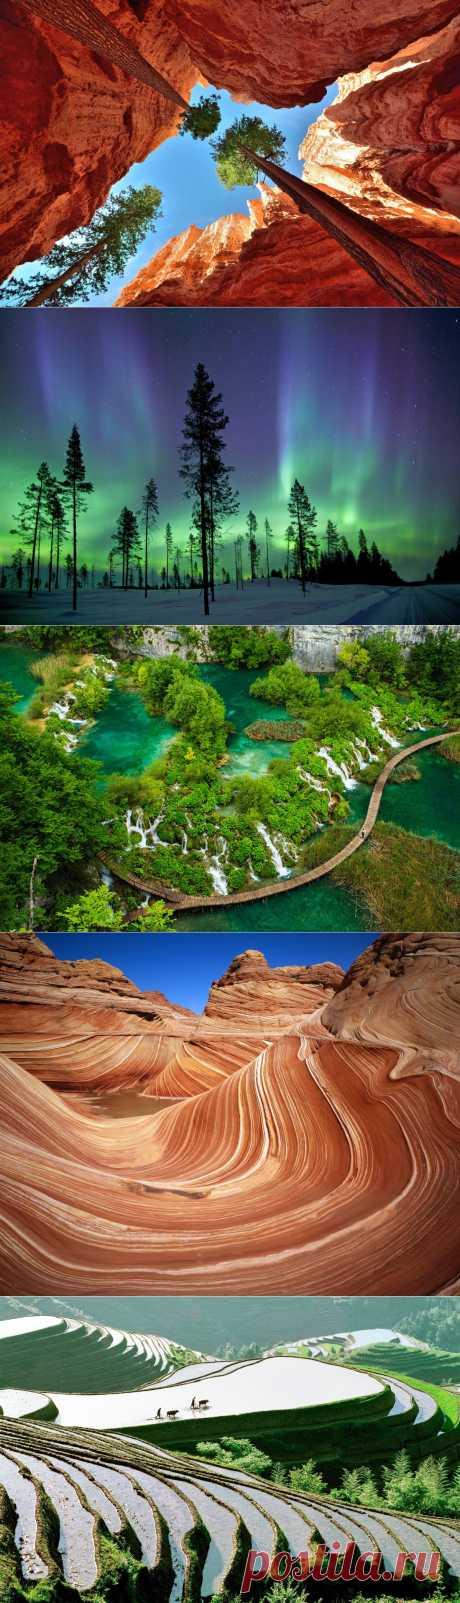 Самые красивые уголки планеты | MixStuff